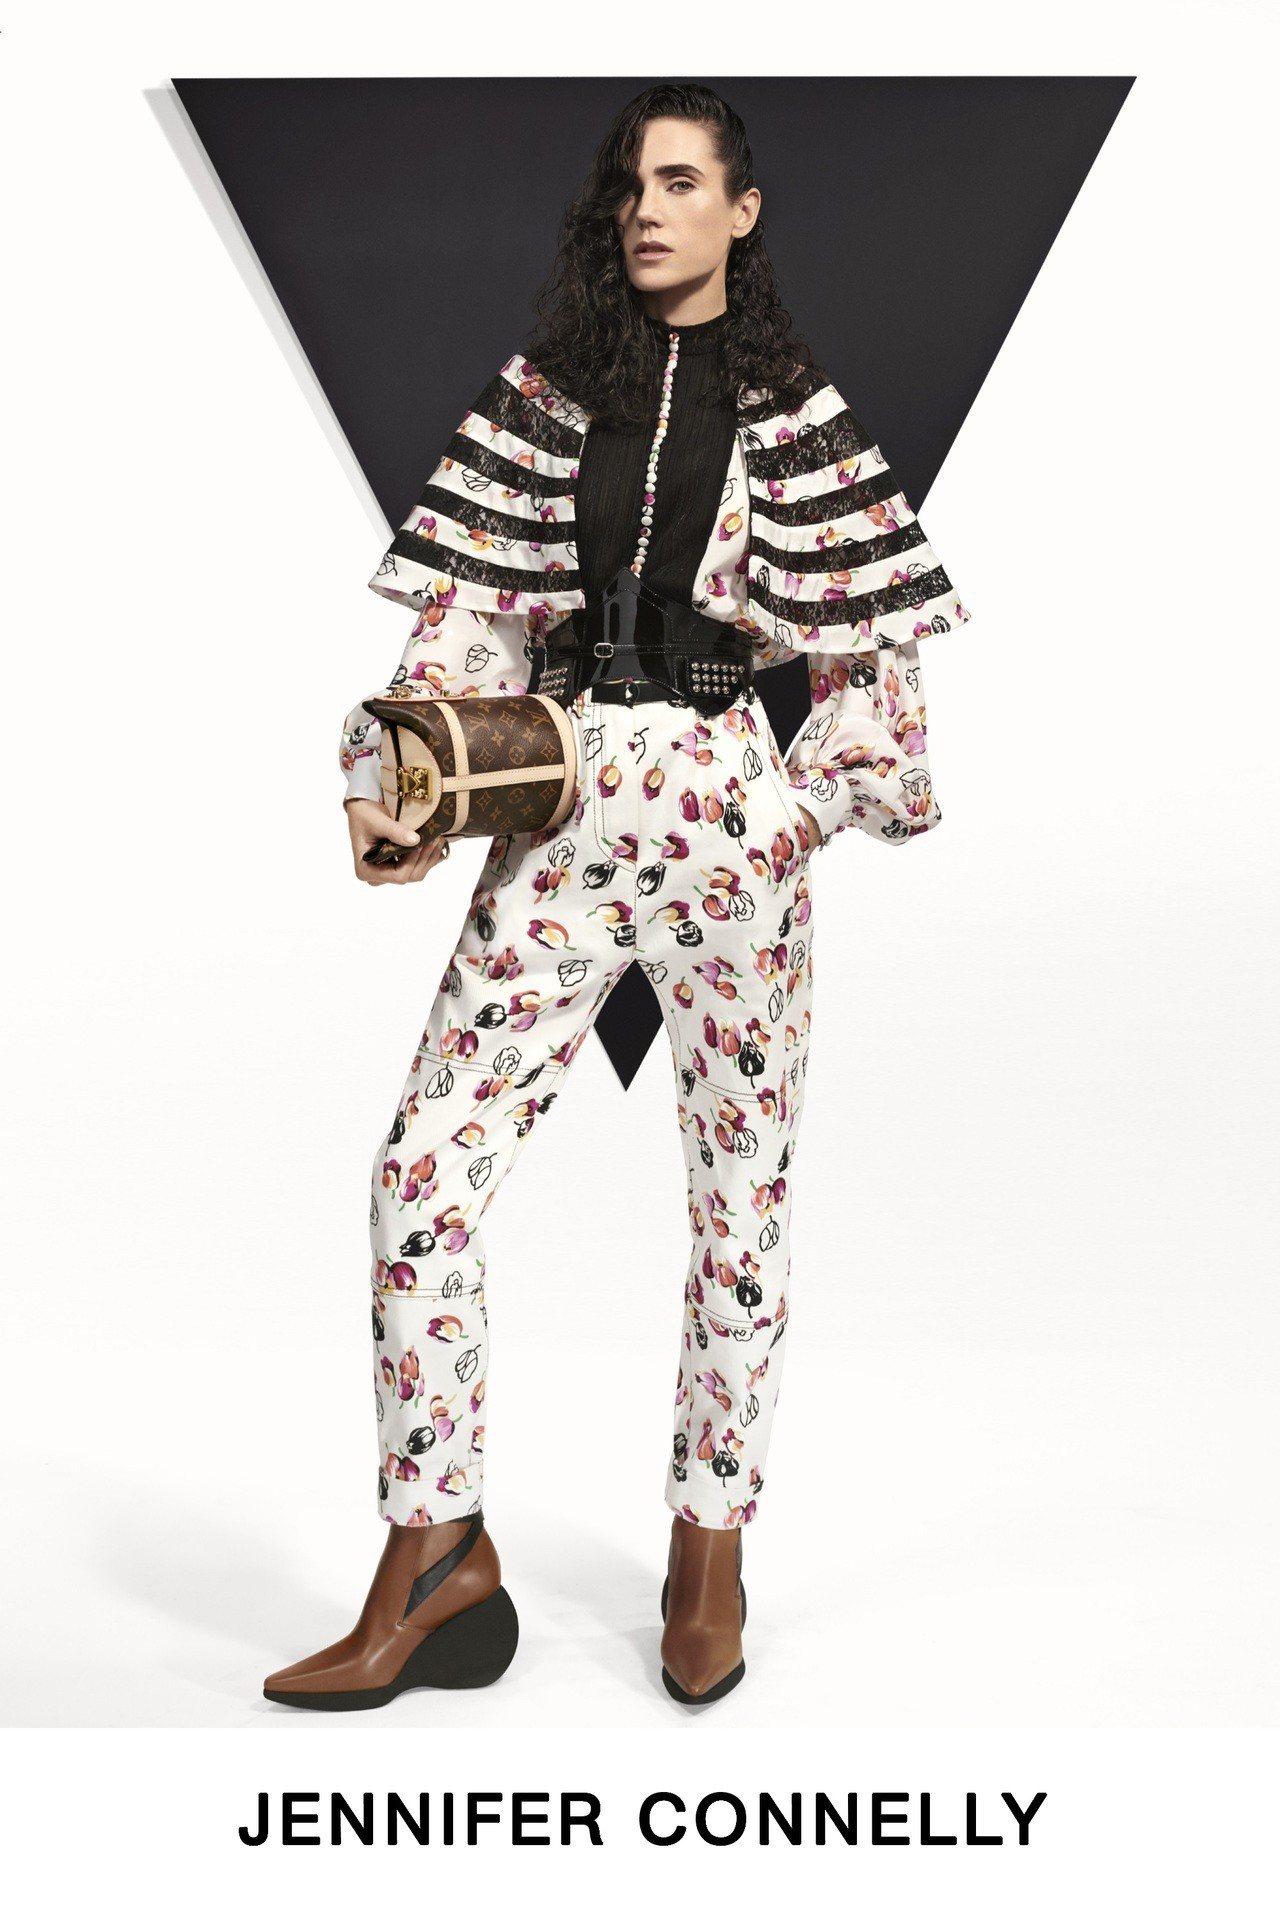 珍妮佛康娜莉身穿Liberty London印花單品,肩線的繭型輪廓仍是早秋剪裁...